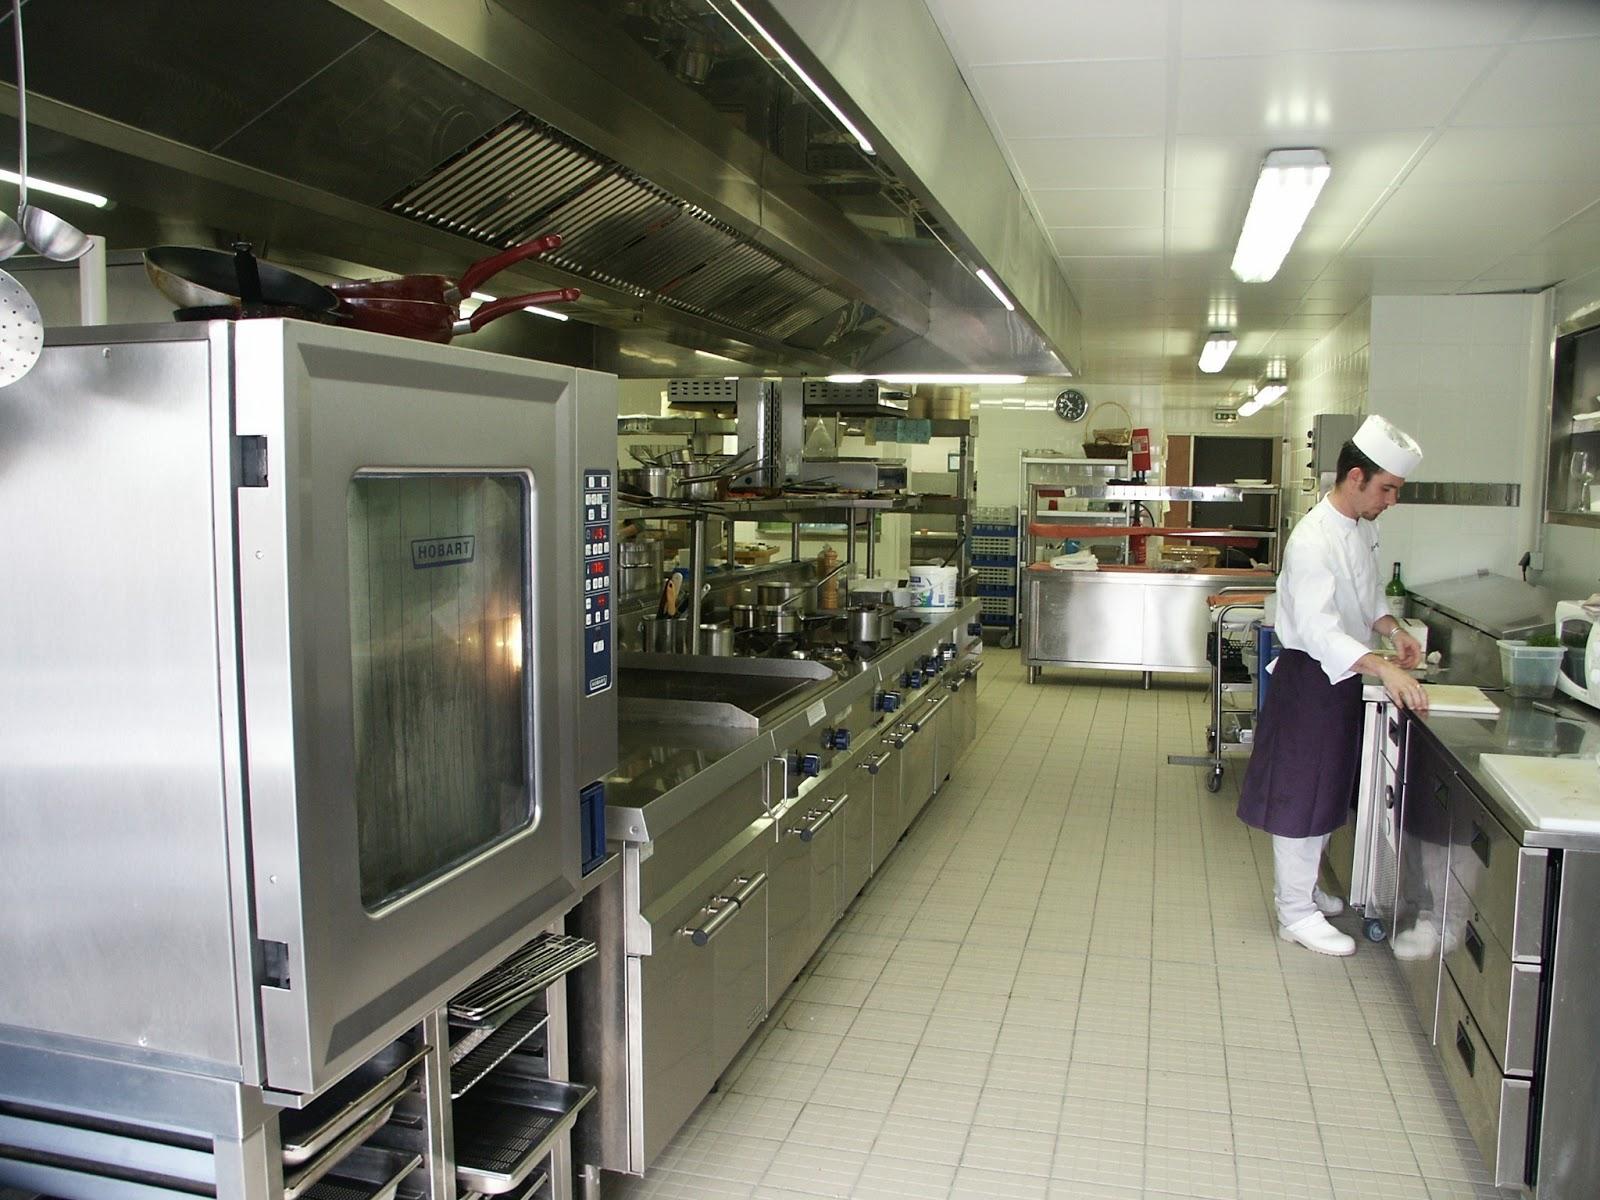 gastronomia-wyposazenie-9